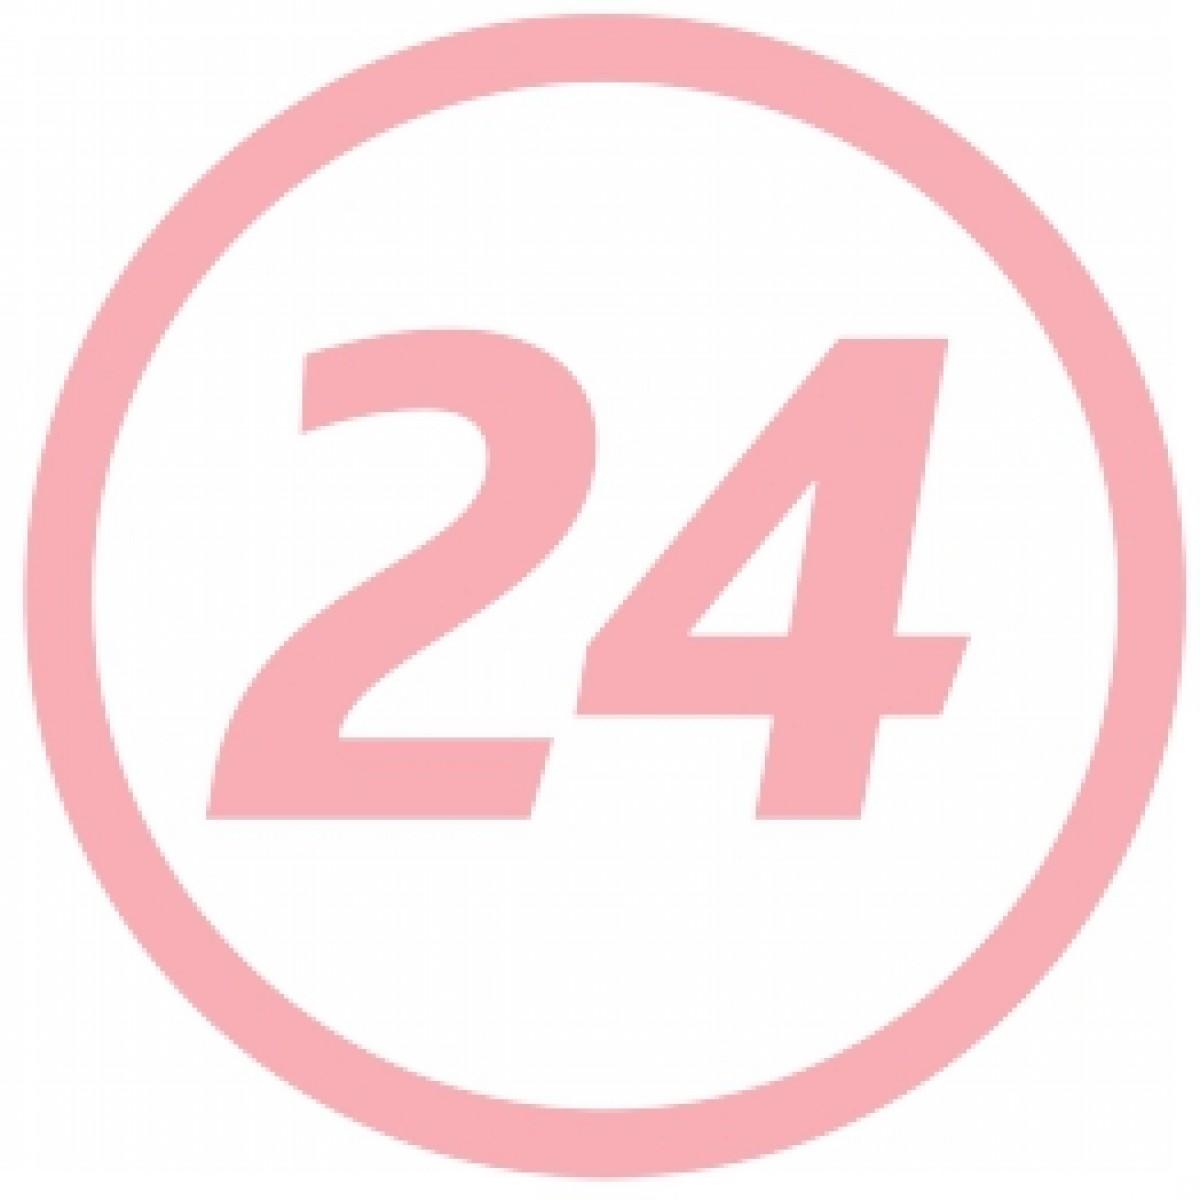 Halat Baie Copii MyKids Alb 1-2 ani